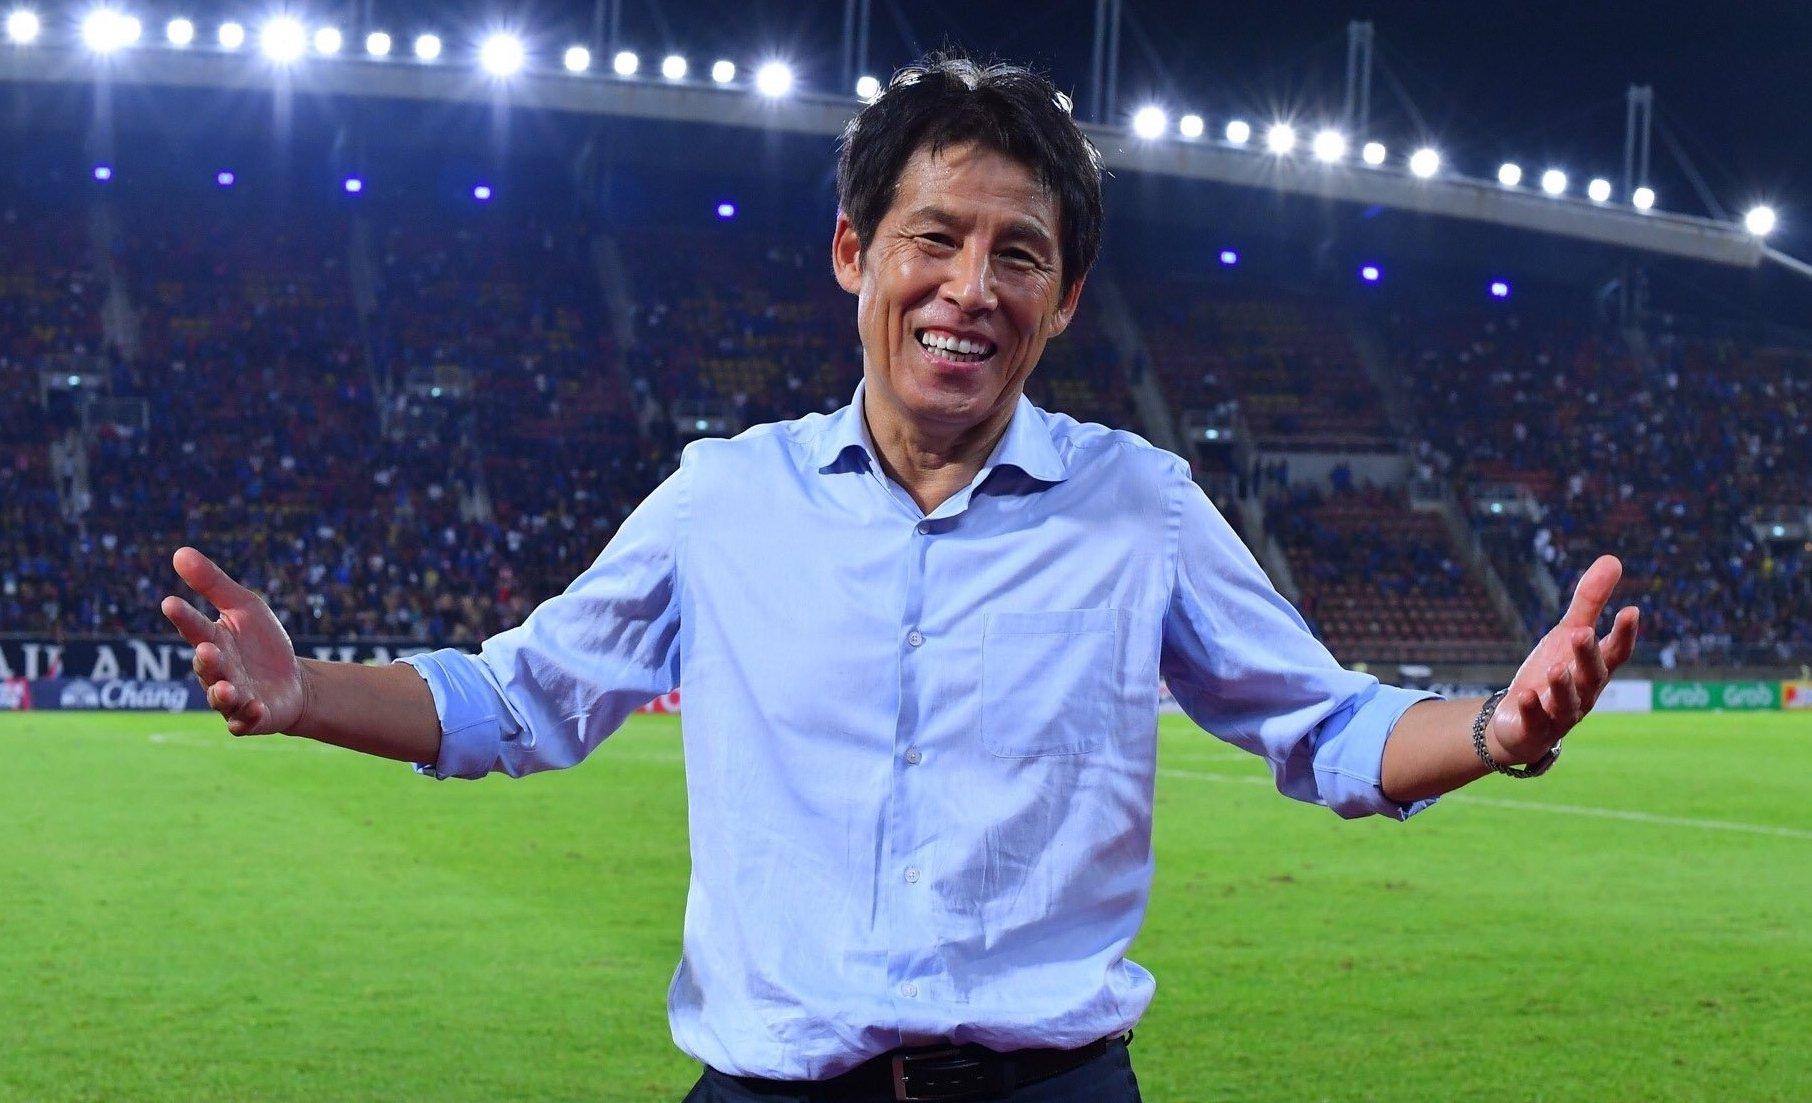 Tử huyệt của U23 Thái Lan: Tiên đoán Nishino, tư tưởng Mourinho - Bóng Đá